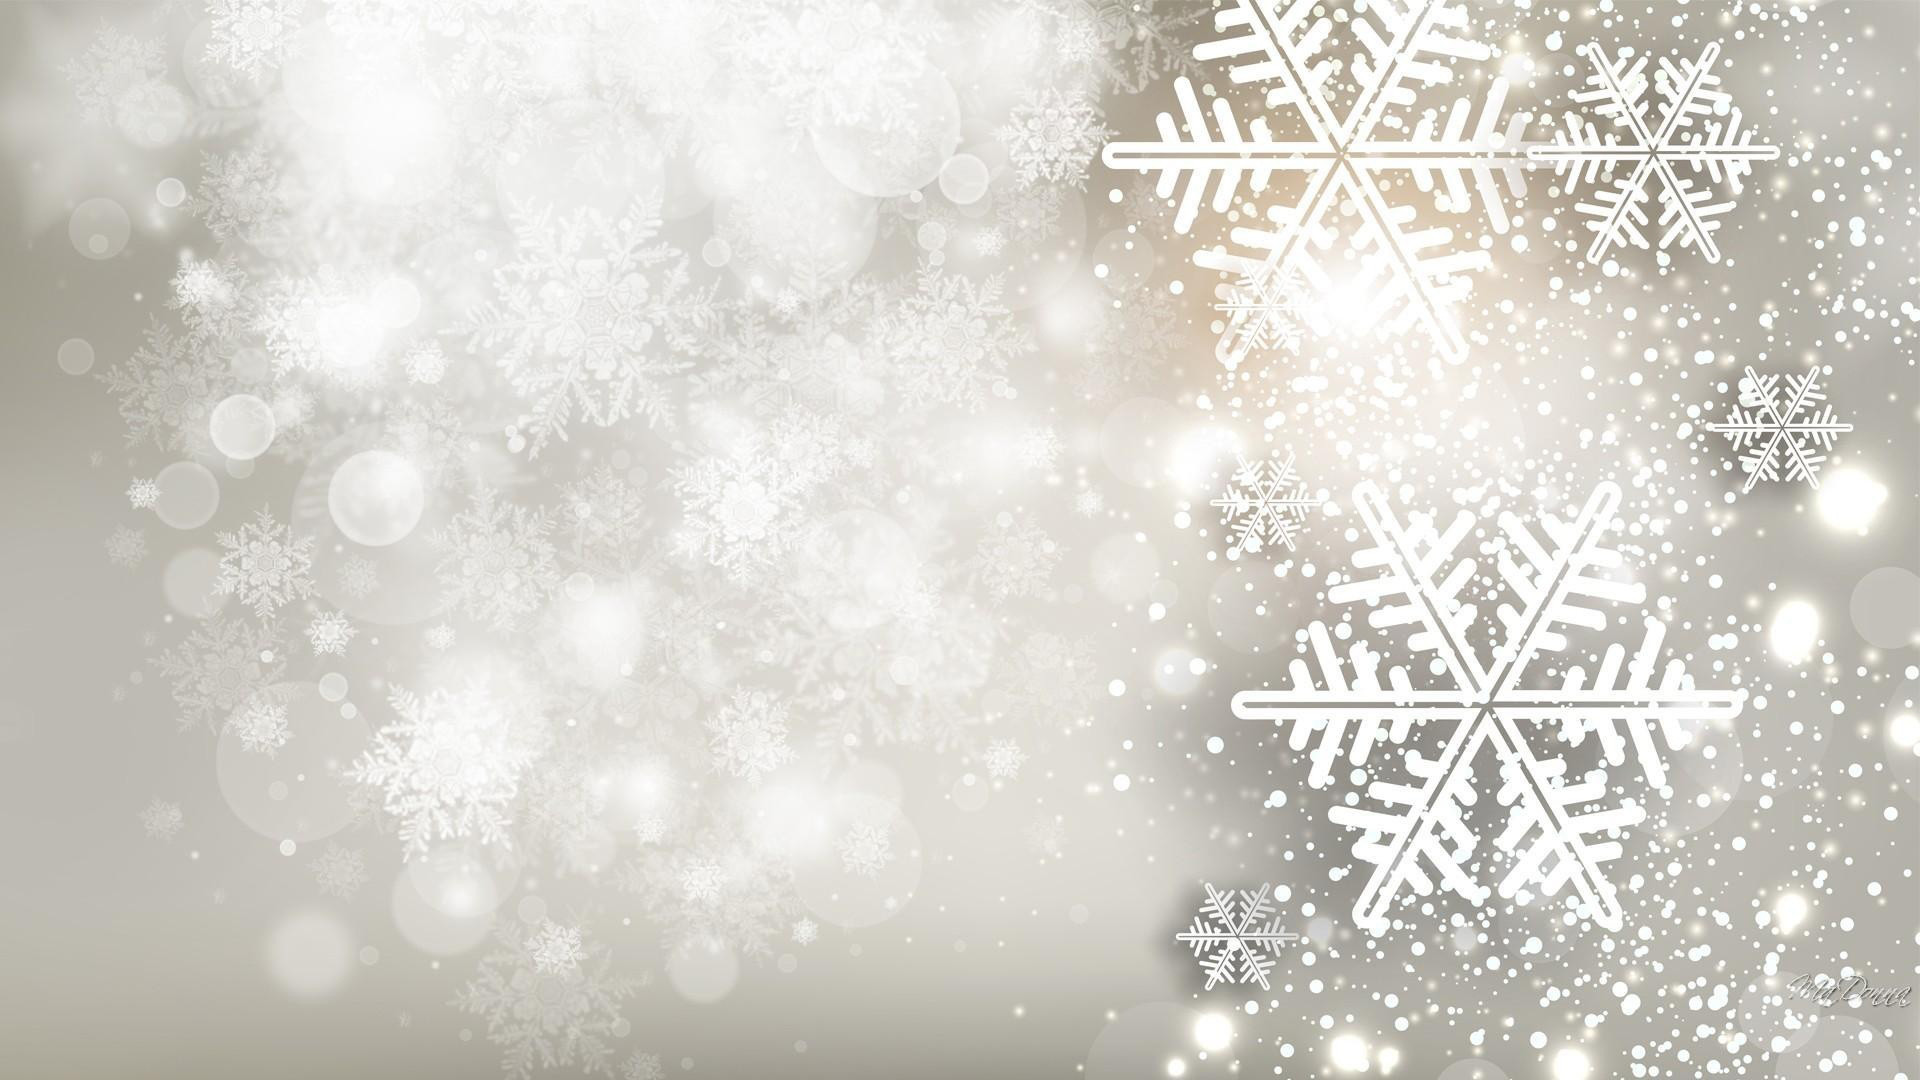 Animated Snow Falling Wallpaper Free Download Die 95 Besten Hochaufl 246 Sende Hintergrundbilder Des